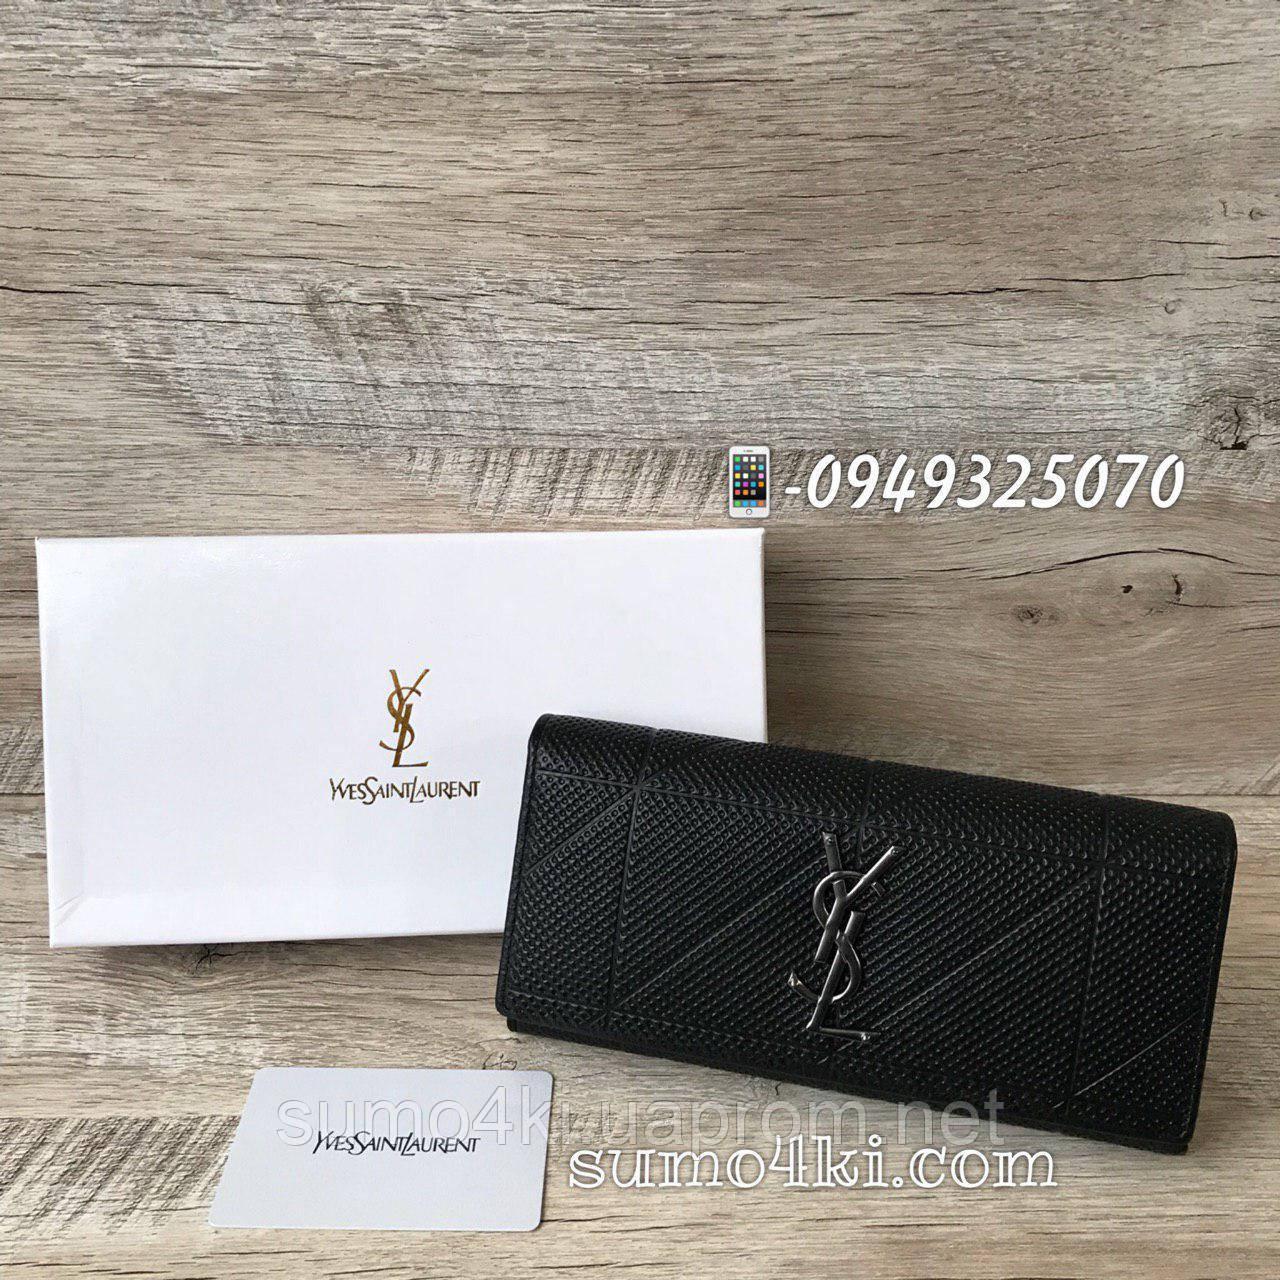 c2fd65a589cb Женский кожаный кошелек Yves Saint Laurent Ysl - Интернет-магазин «Галерея  Сумок» в